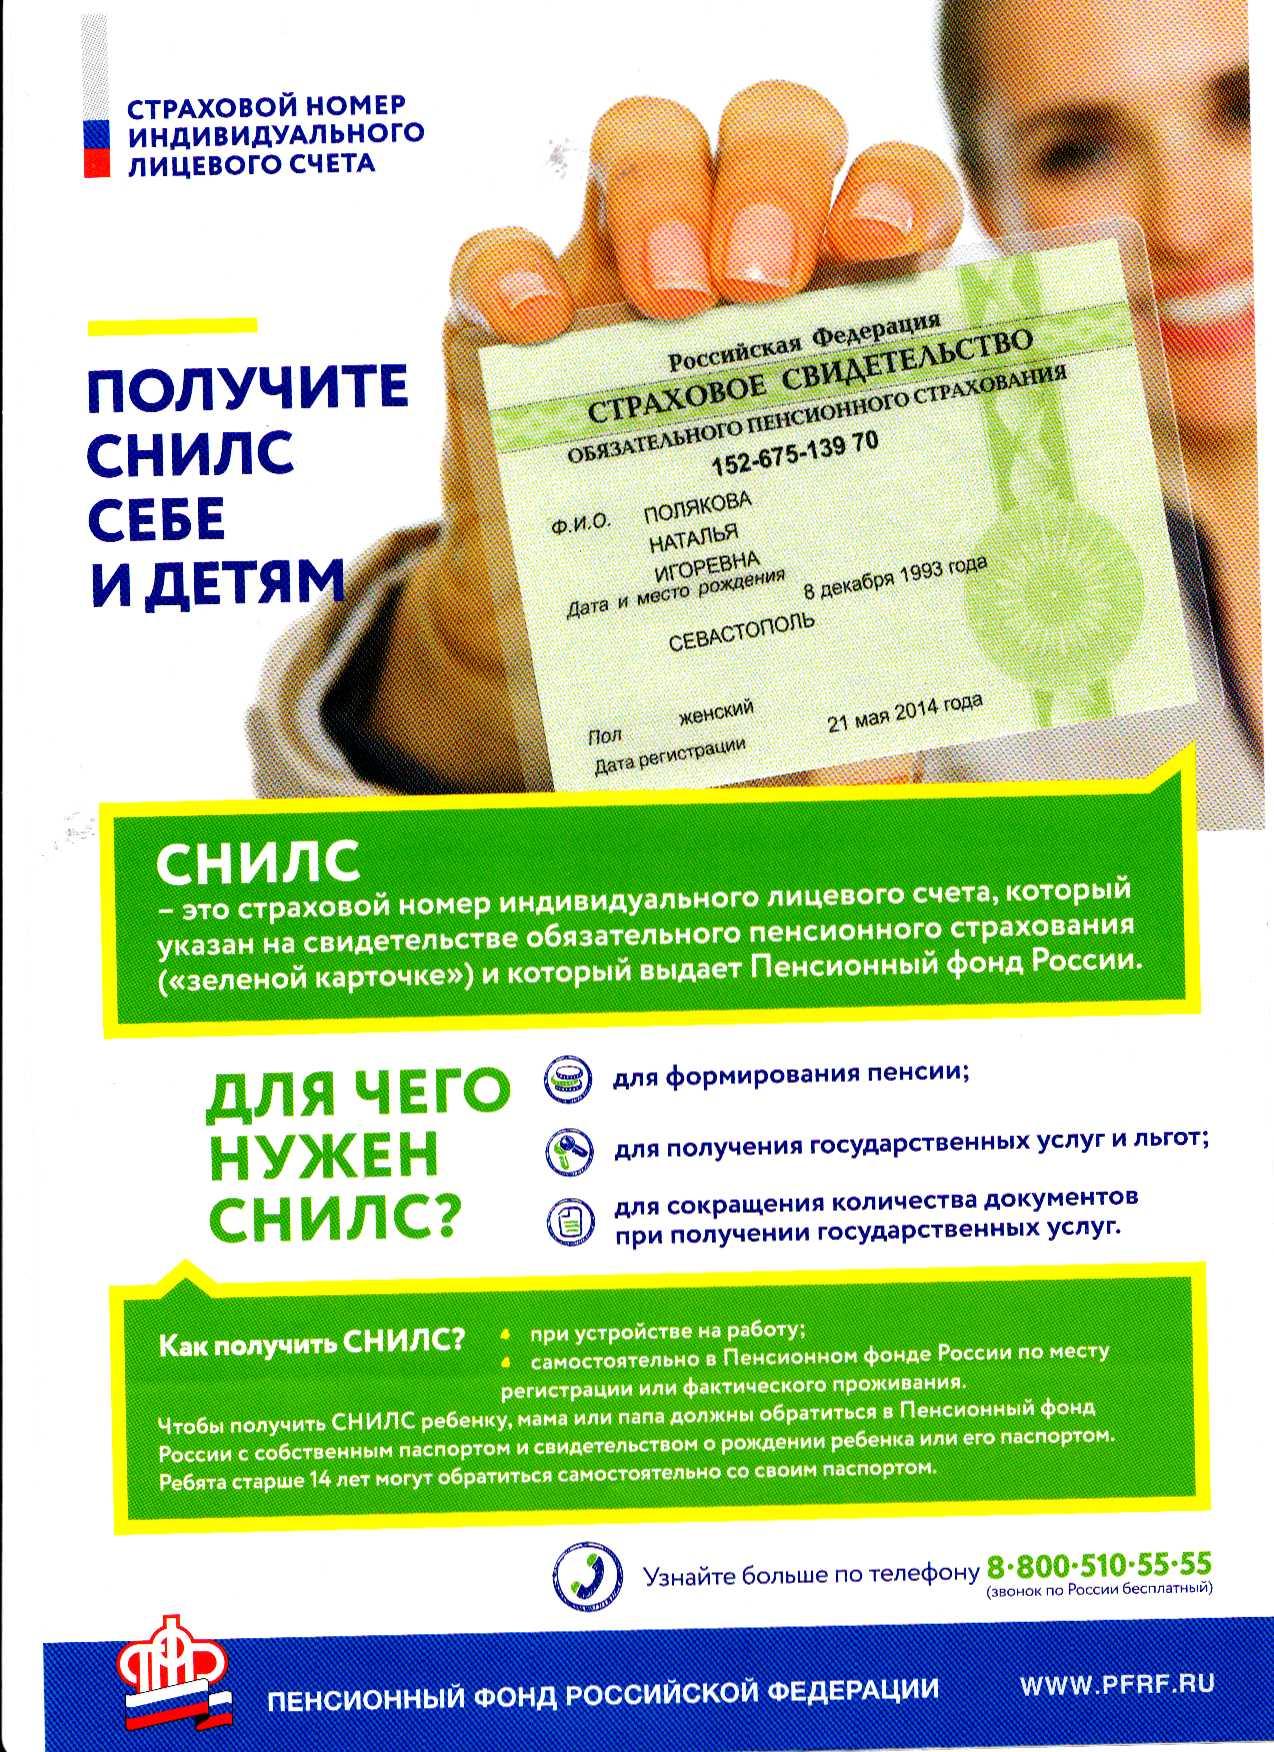 СНИЛС: полезная информация о «зеленой карточке»